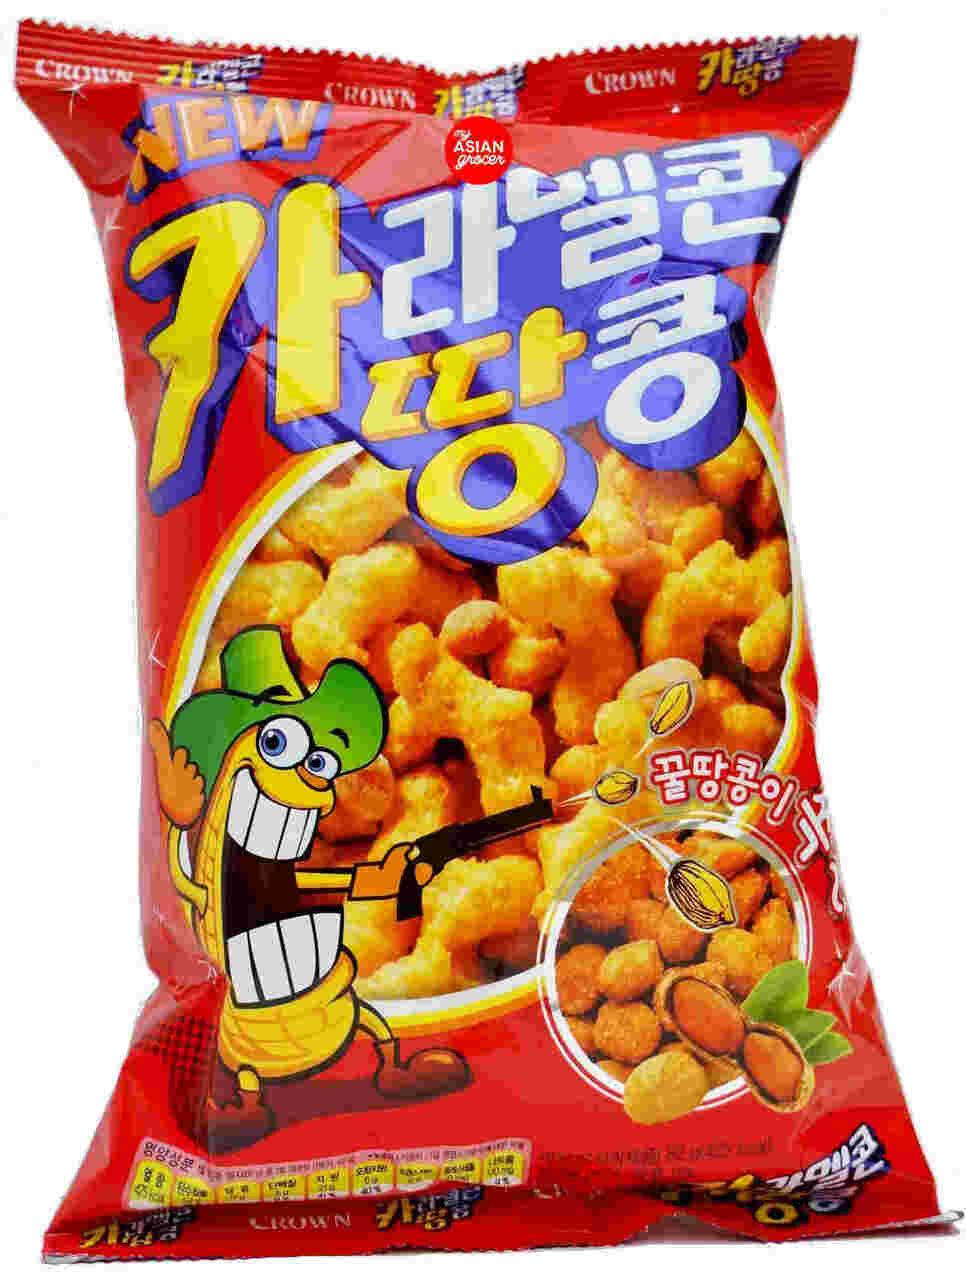 C'Natural Caramel Corns Peanuts Snack (2.89 Oz)